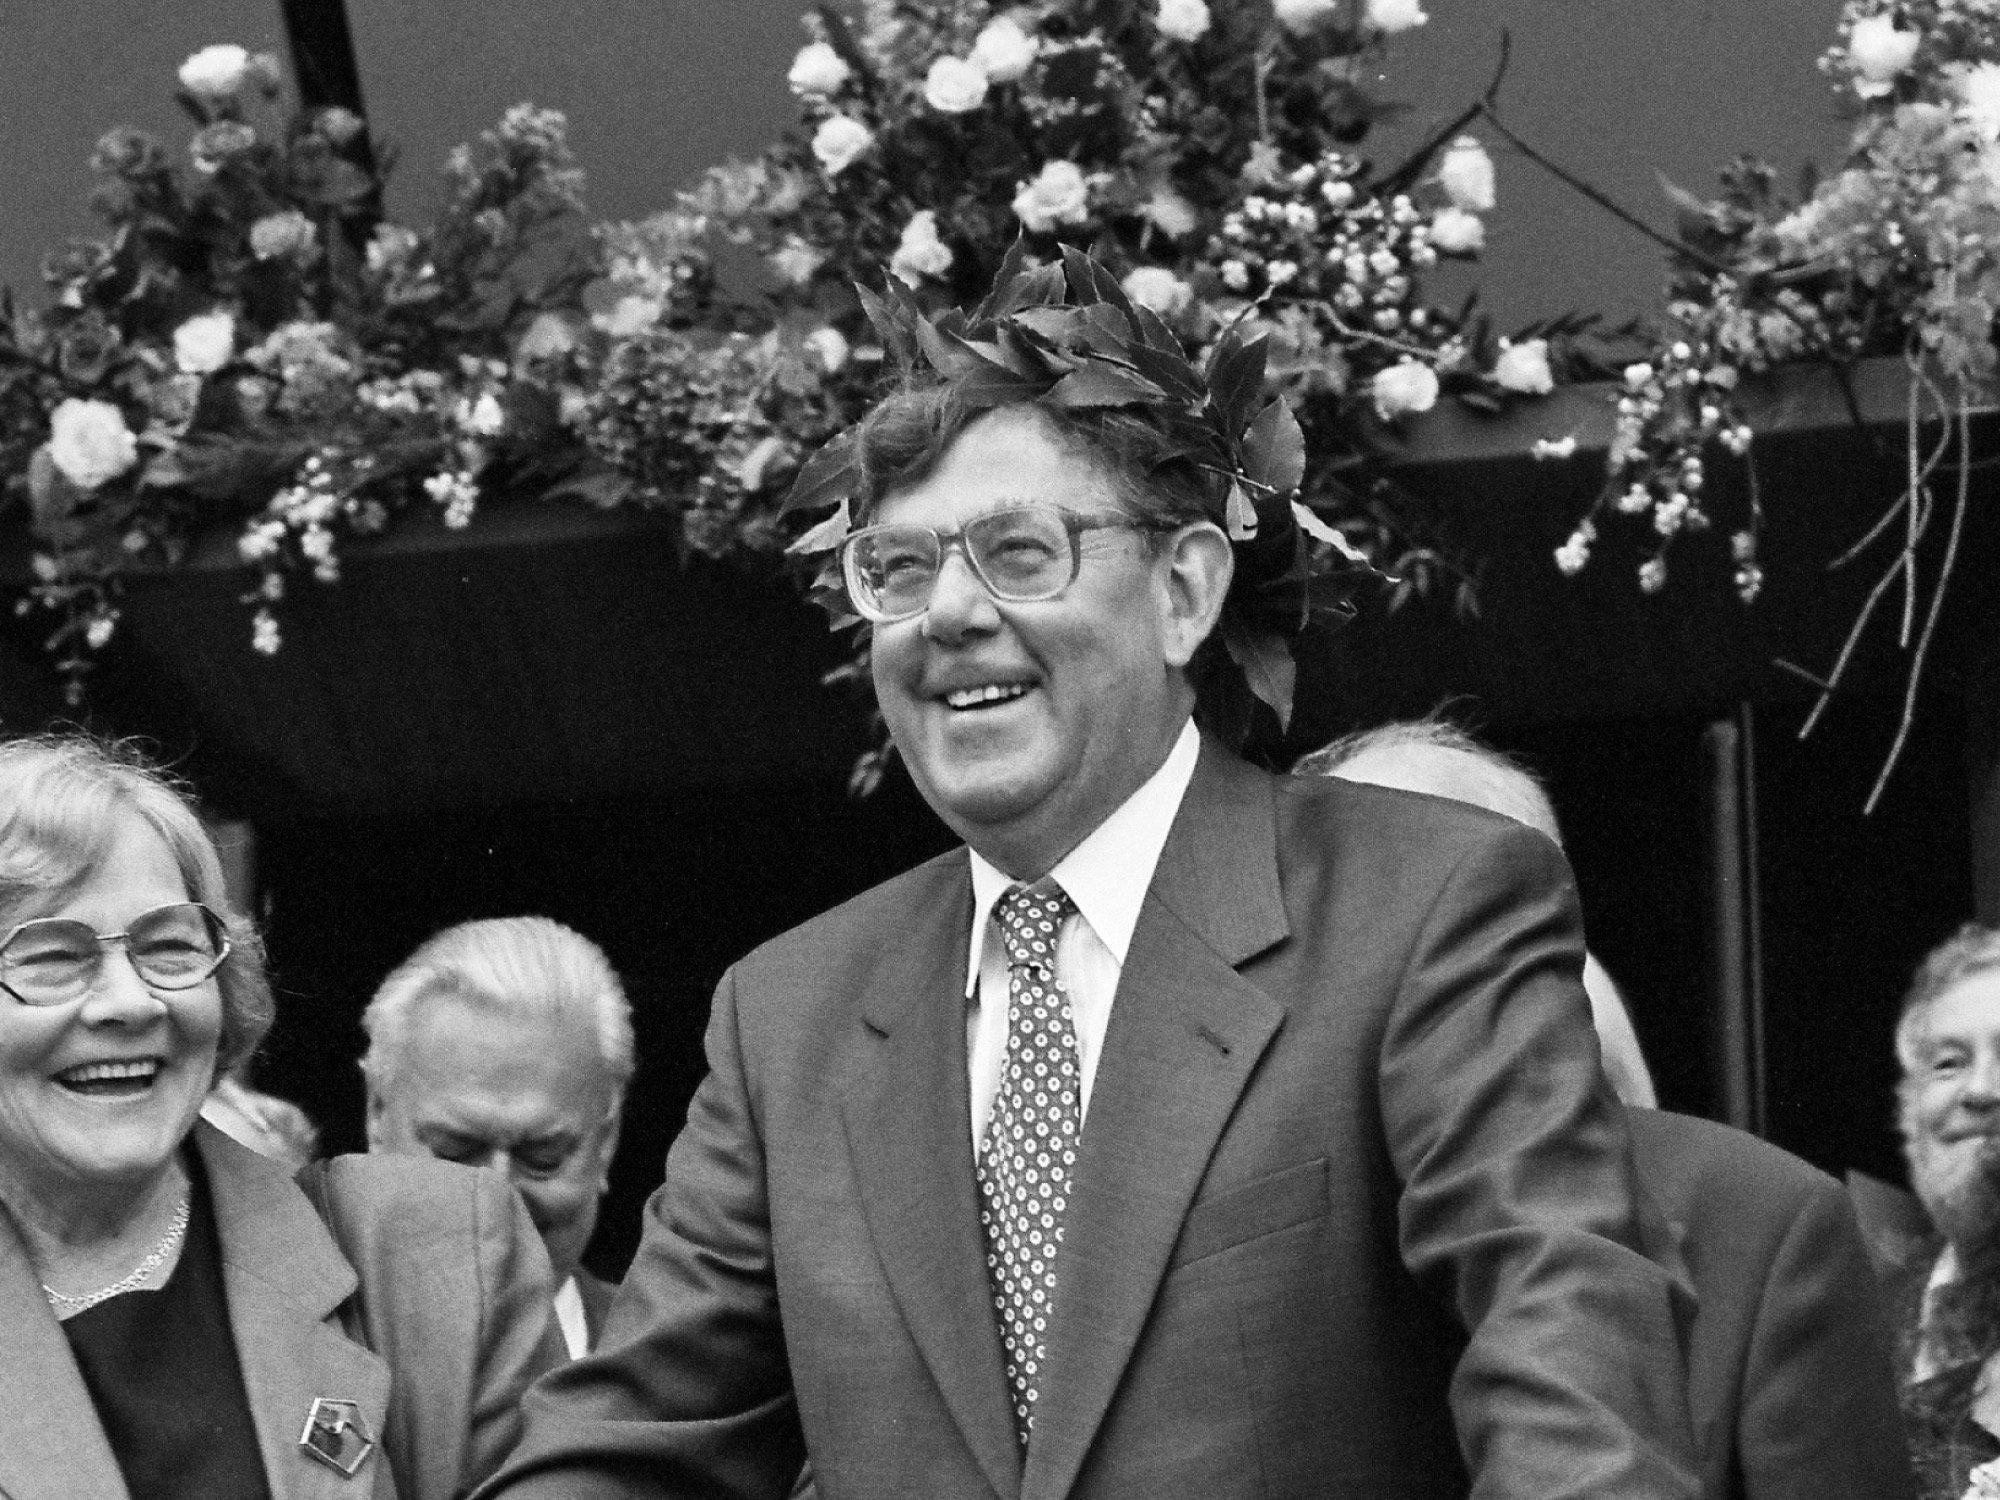 Schwarz/weiß Aufnahme des Nobelpreisträgers Paul Crutzen bei der Preisverleihungsfeier in Mainz 1995. Links neben ihm steht seine Ehefrau Terttu.